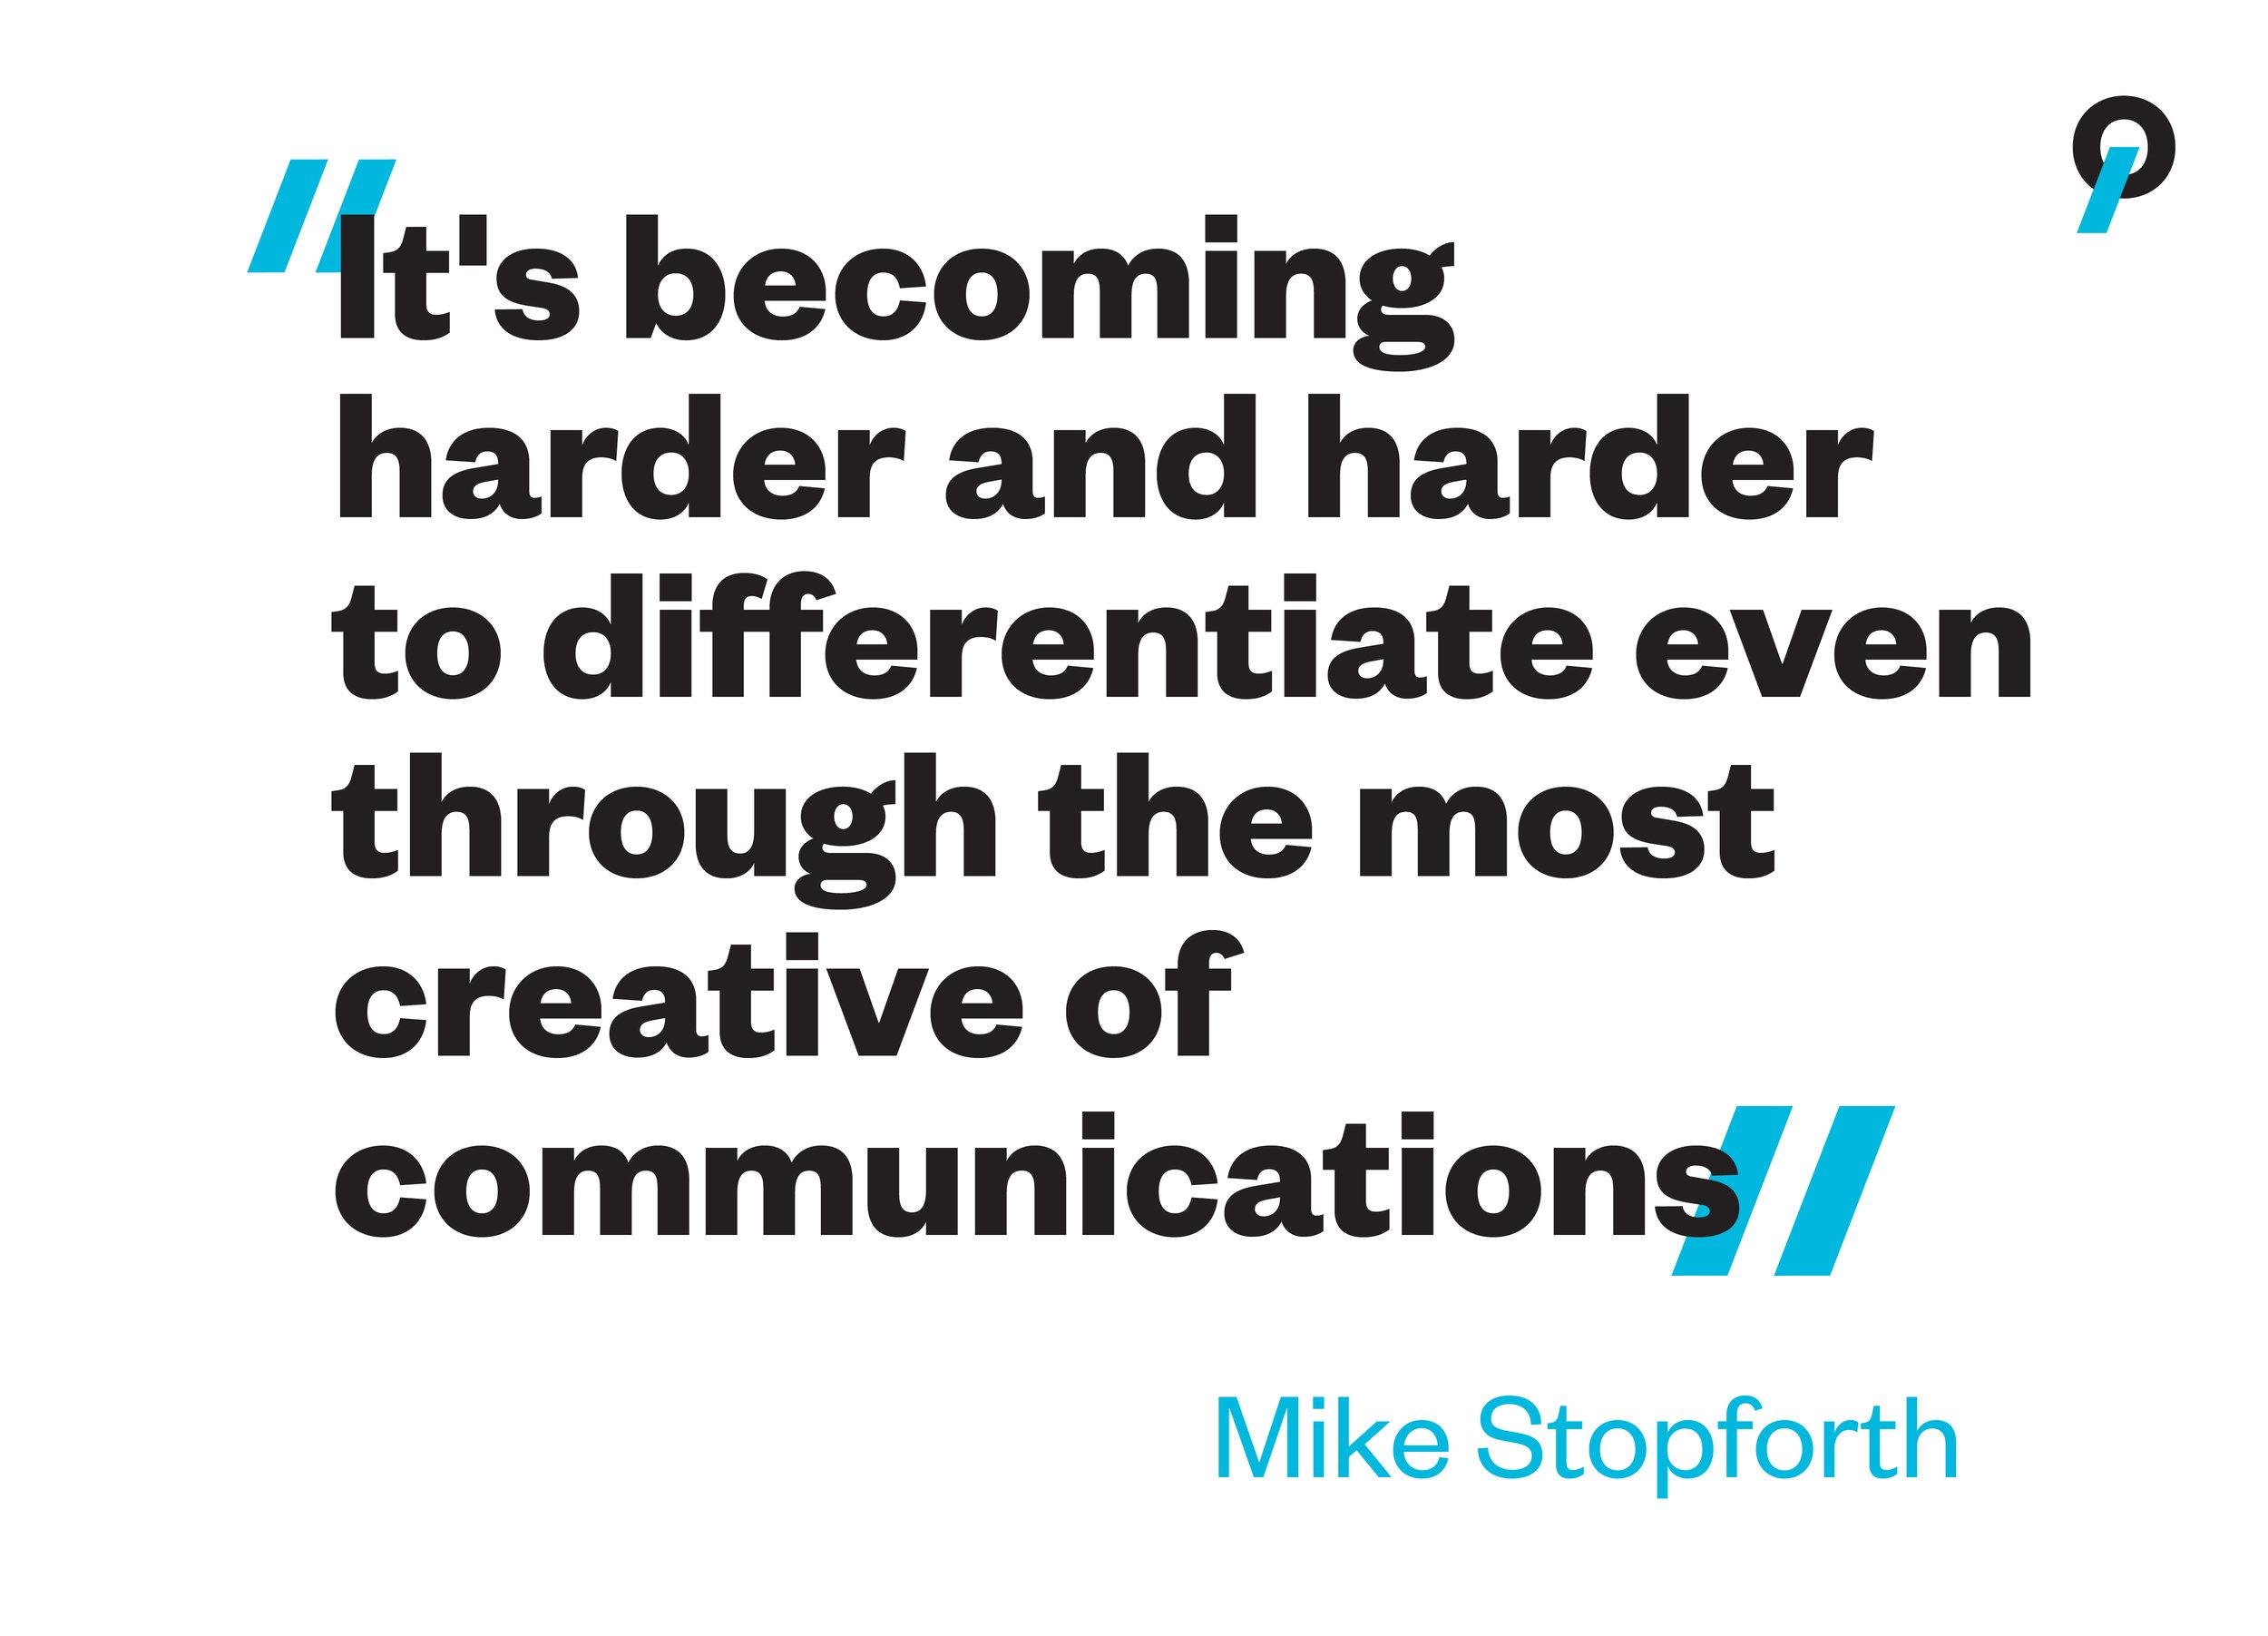 Mike Stopforth